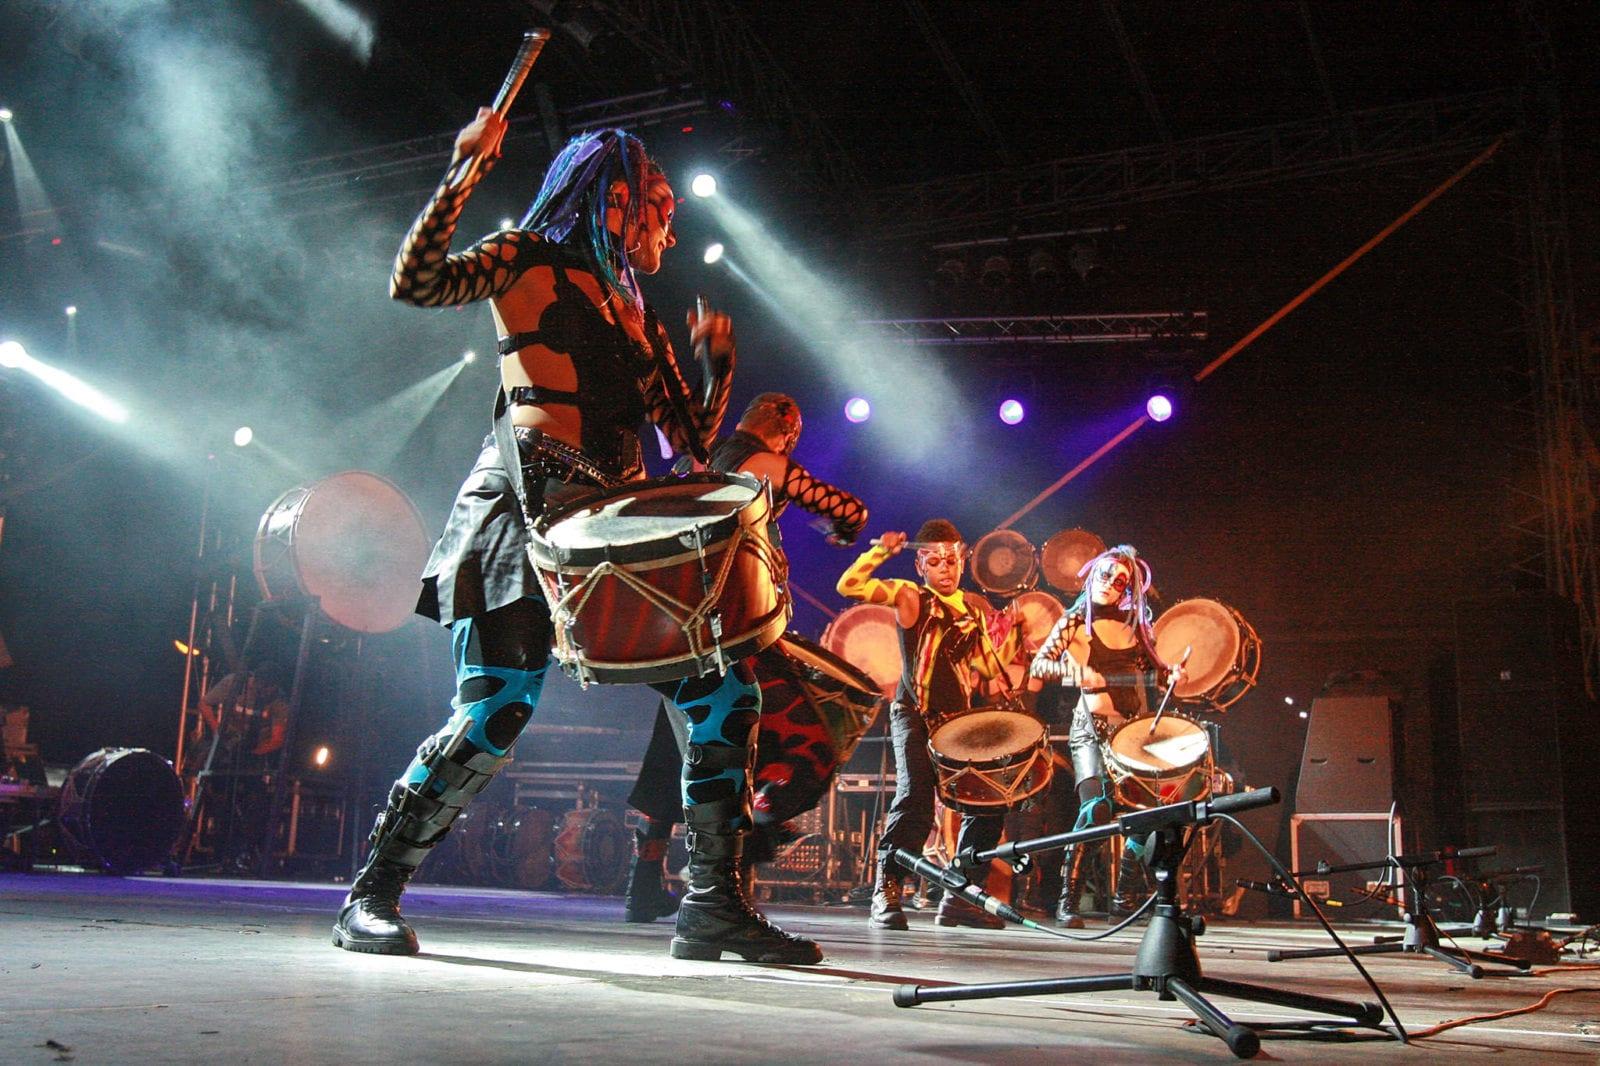 Музыкальный фестиваль Maré de Agosto, Санта-Мария (фото: José Franco)